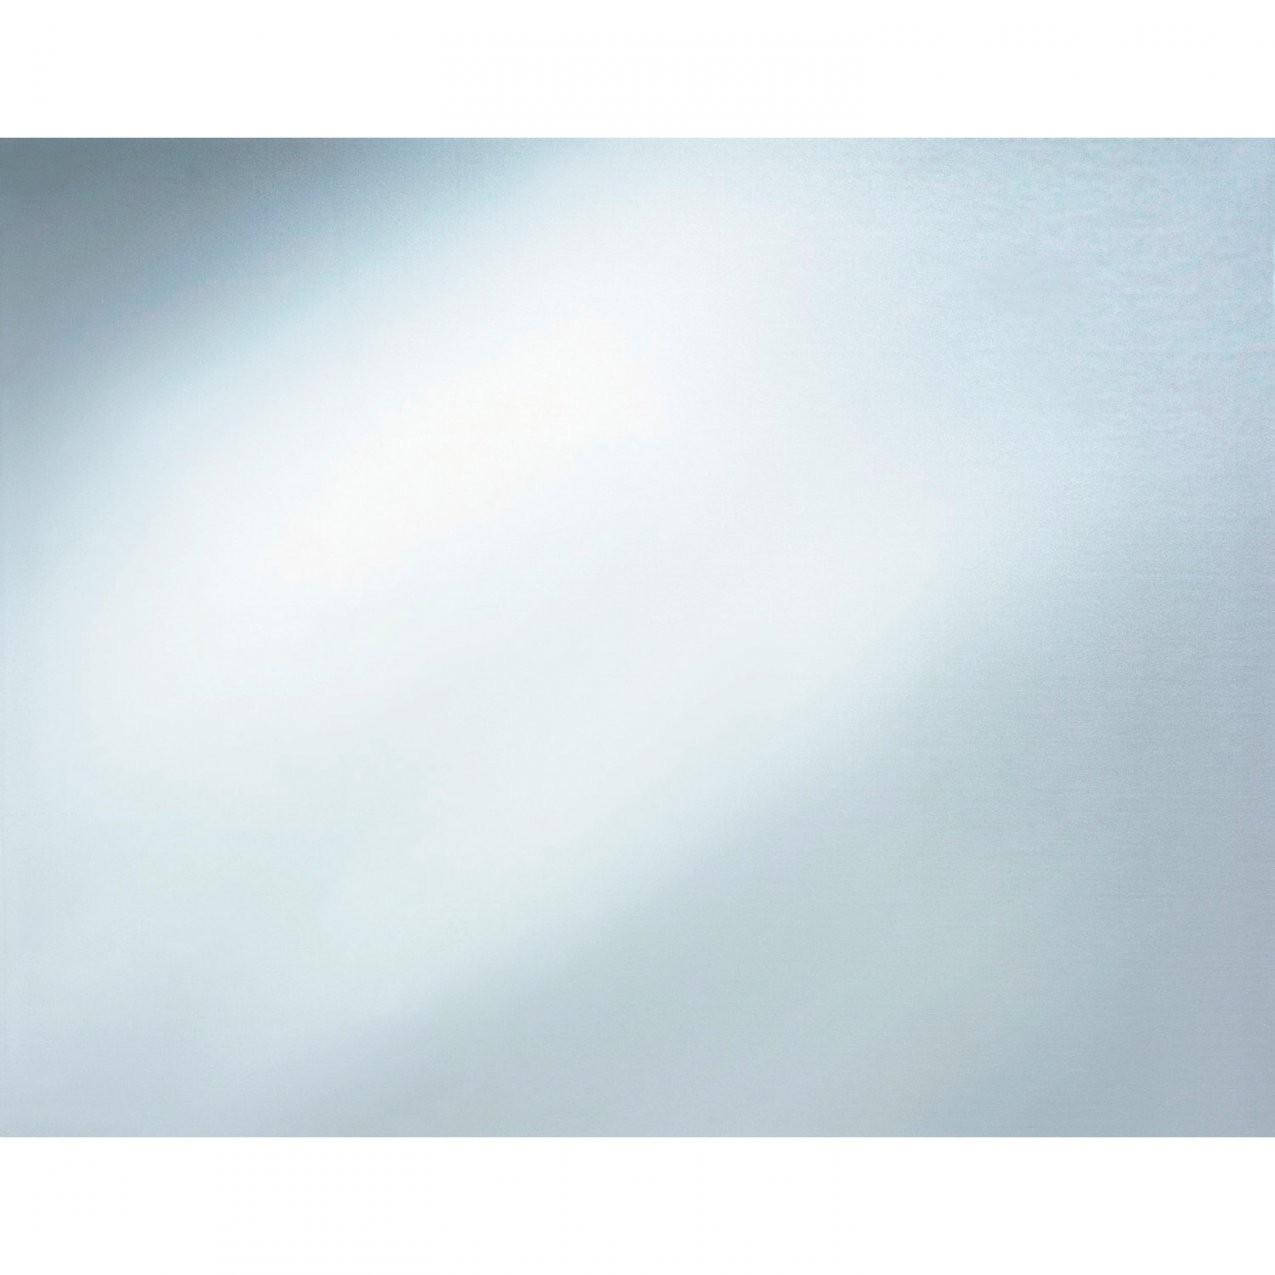 Fensterfolie Kaufen Bei Obi von Fensterfolie Sichtschutz Obi Bild